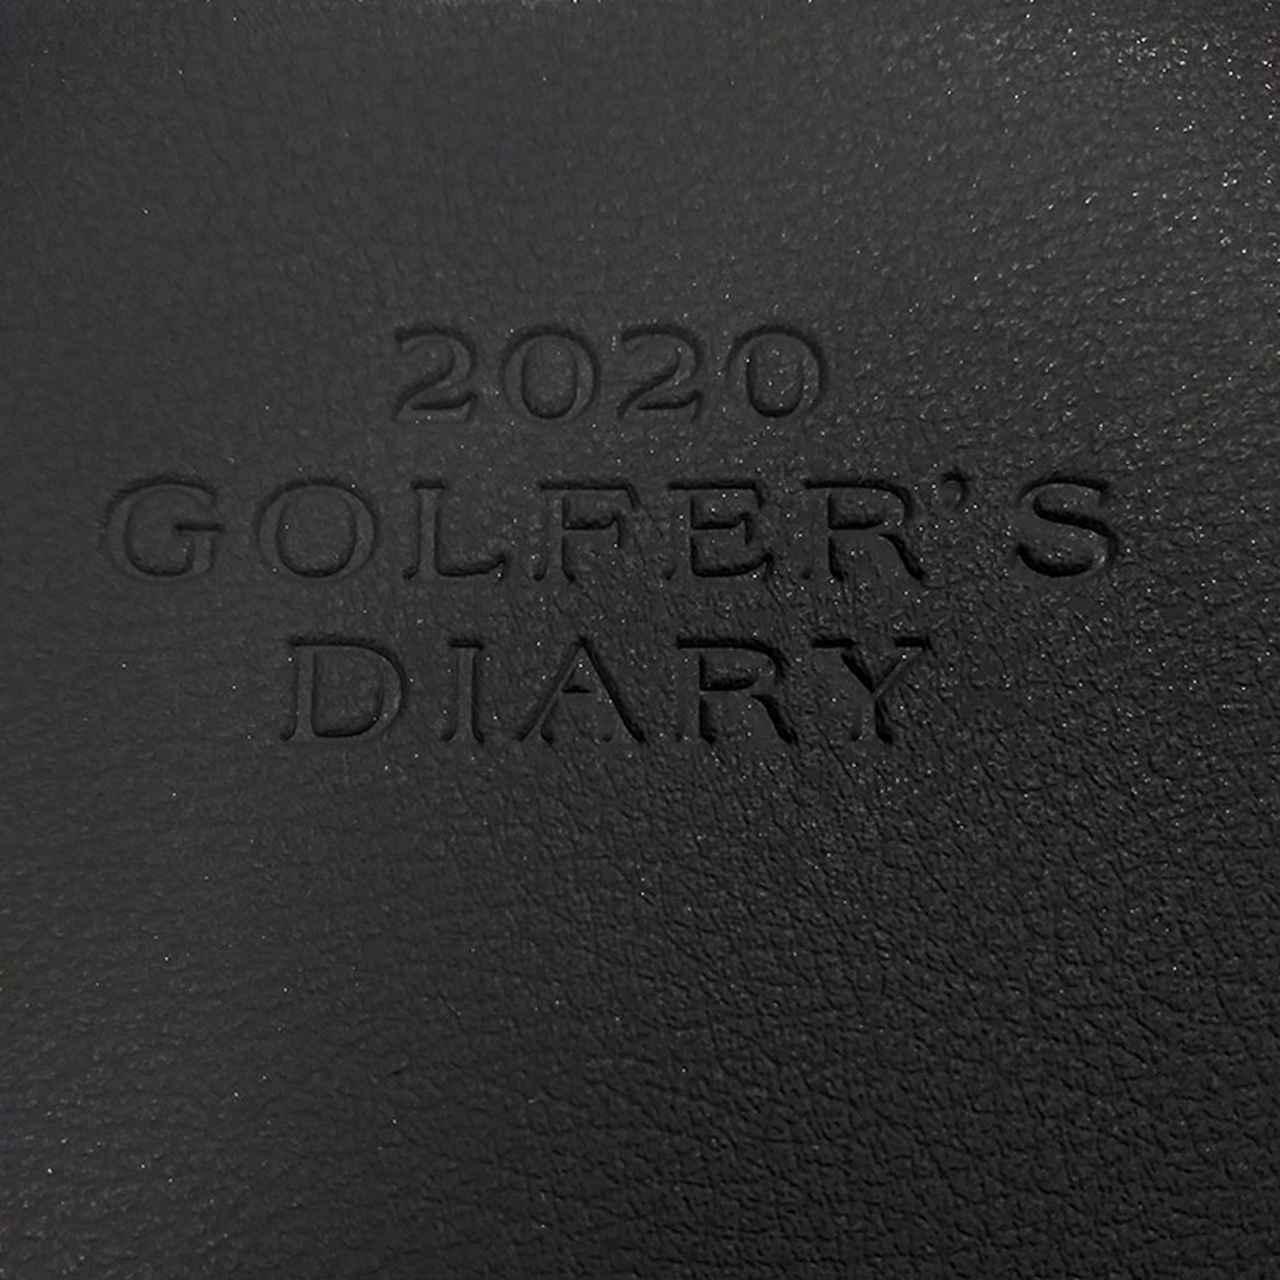 画像: ゴルファーズダイアリー2020-ゴルフダイジェスト公式通販サイト「ゴルフポケット」